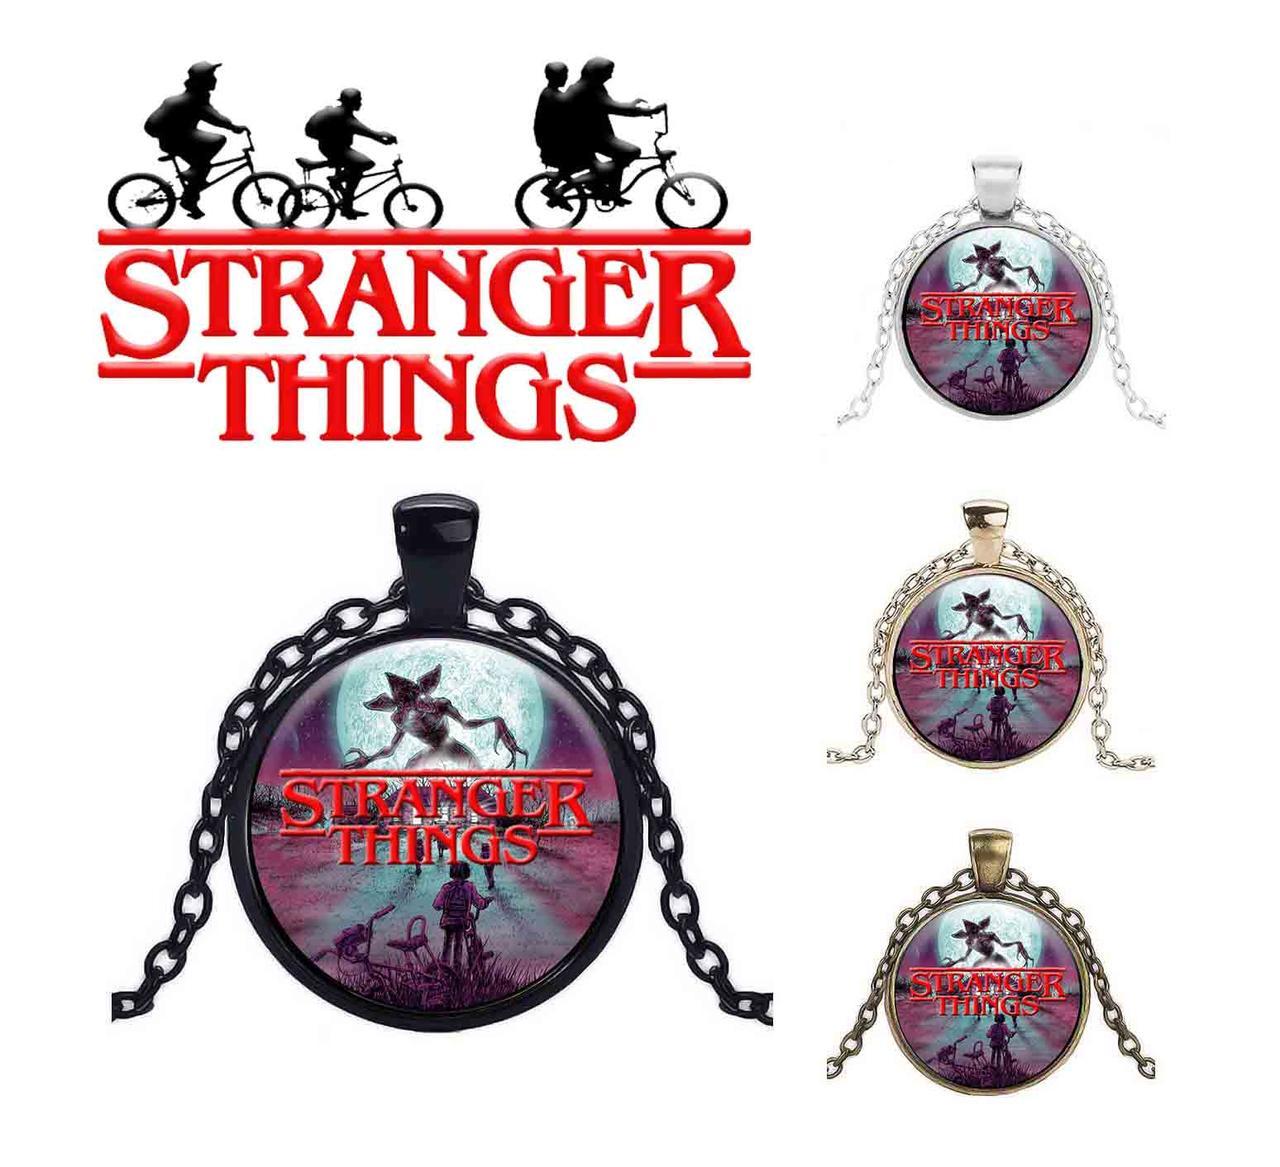 Кулон с надписью из сериала Очень странные дела/Stranger Things